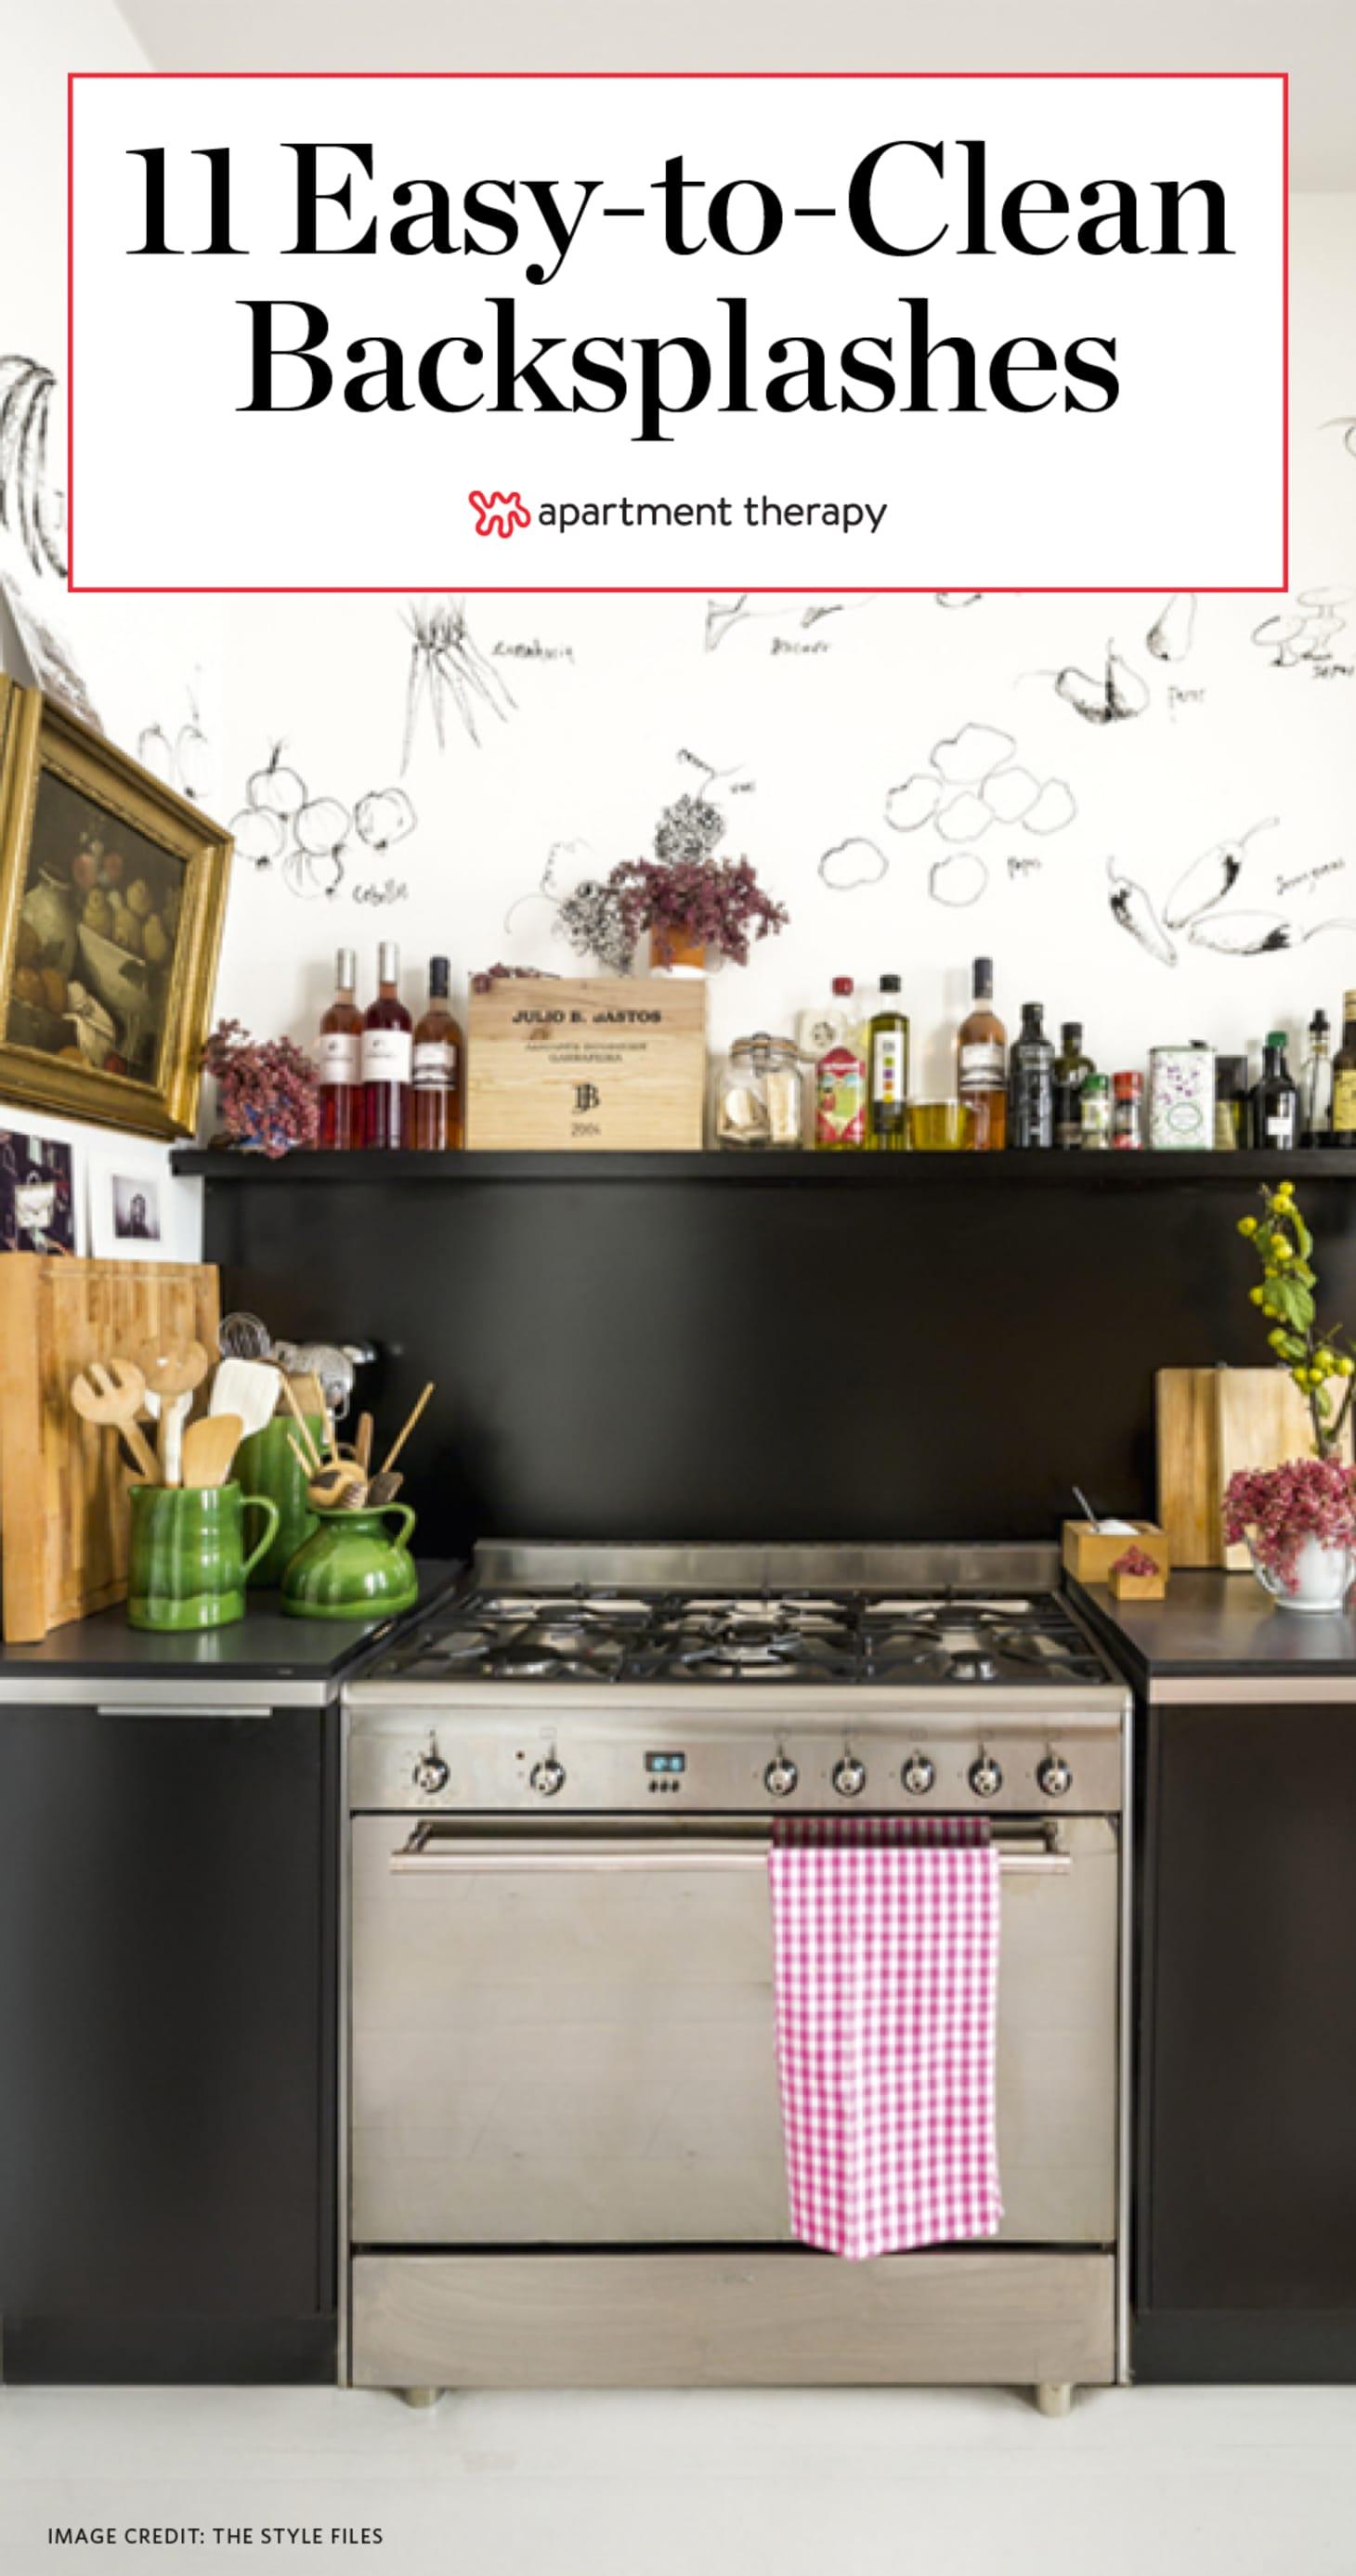 Astounding Kitchen Backsplash Ideas Easy To Clean Apartment Therapy Download Free Architecture Designs Xaembritishbridgeorg